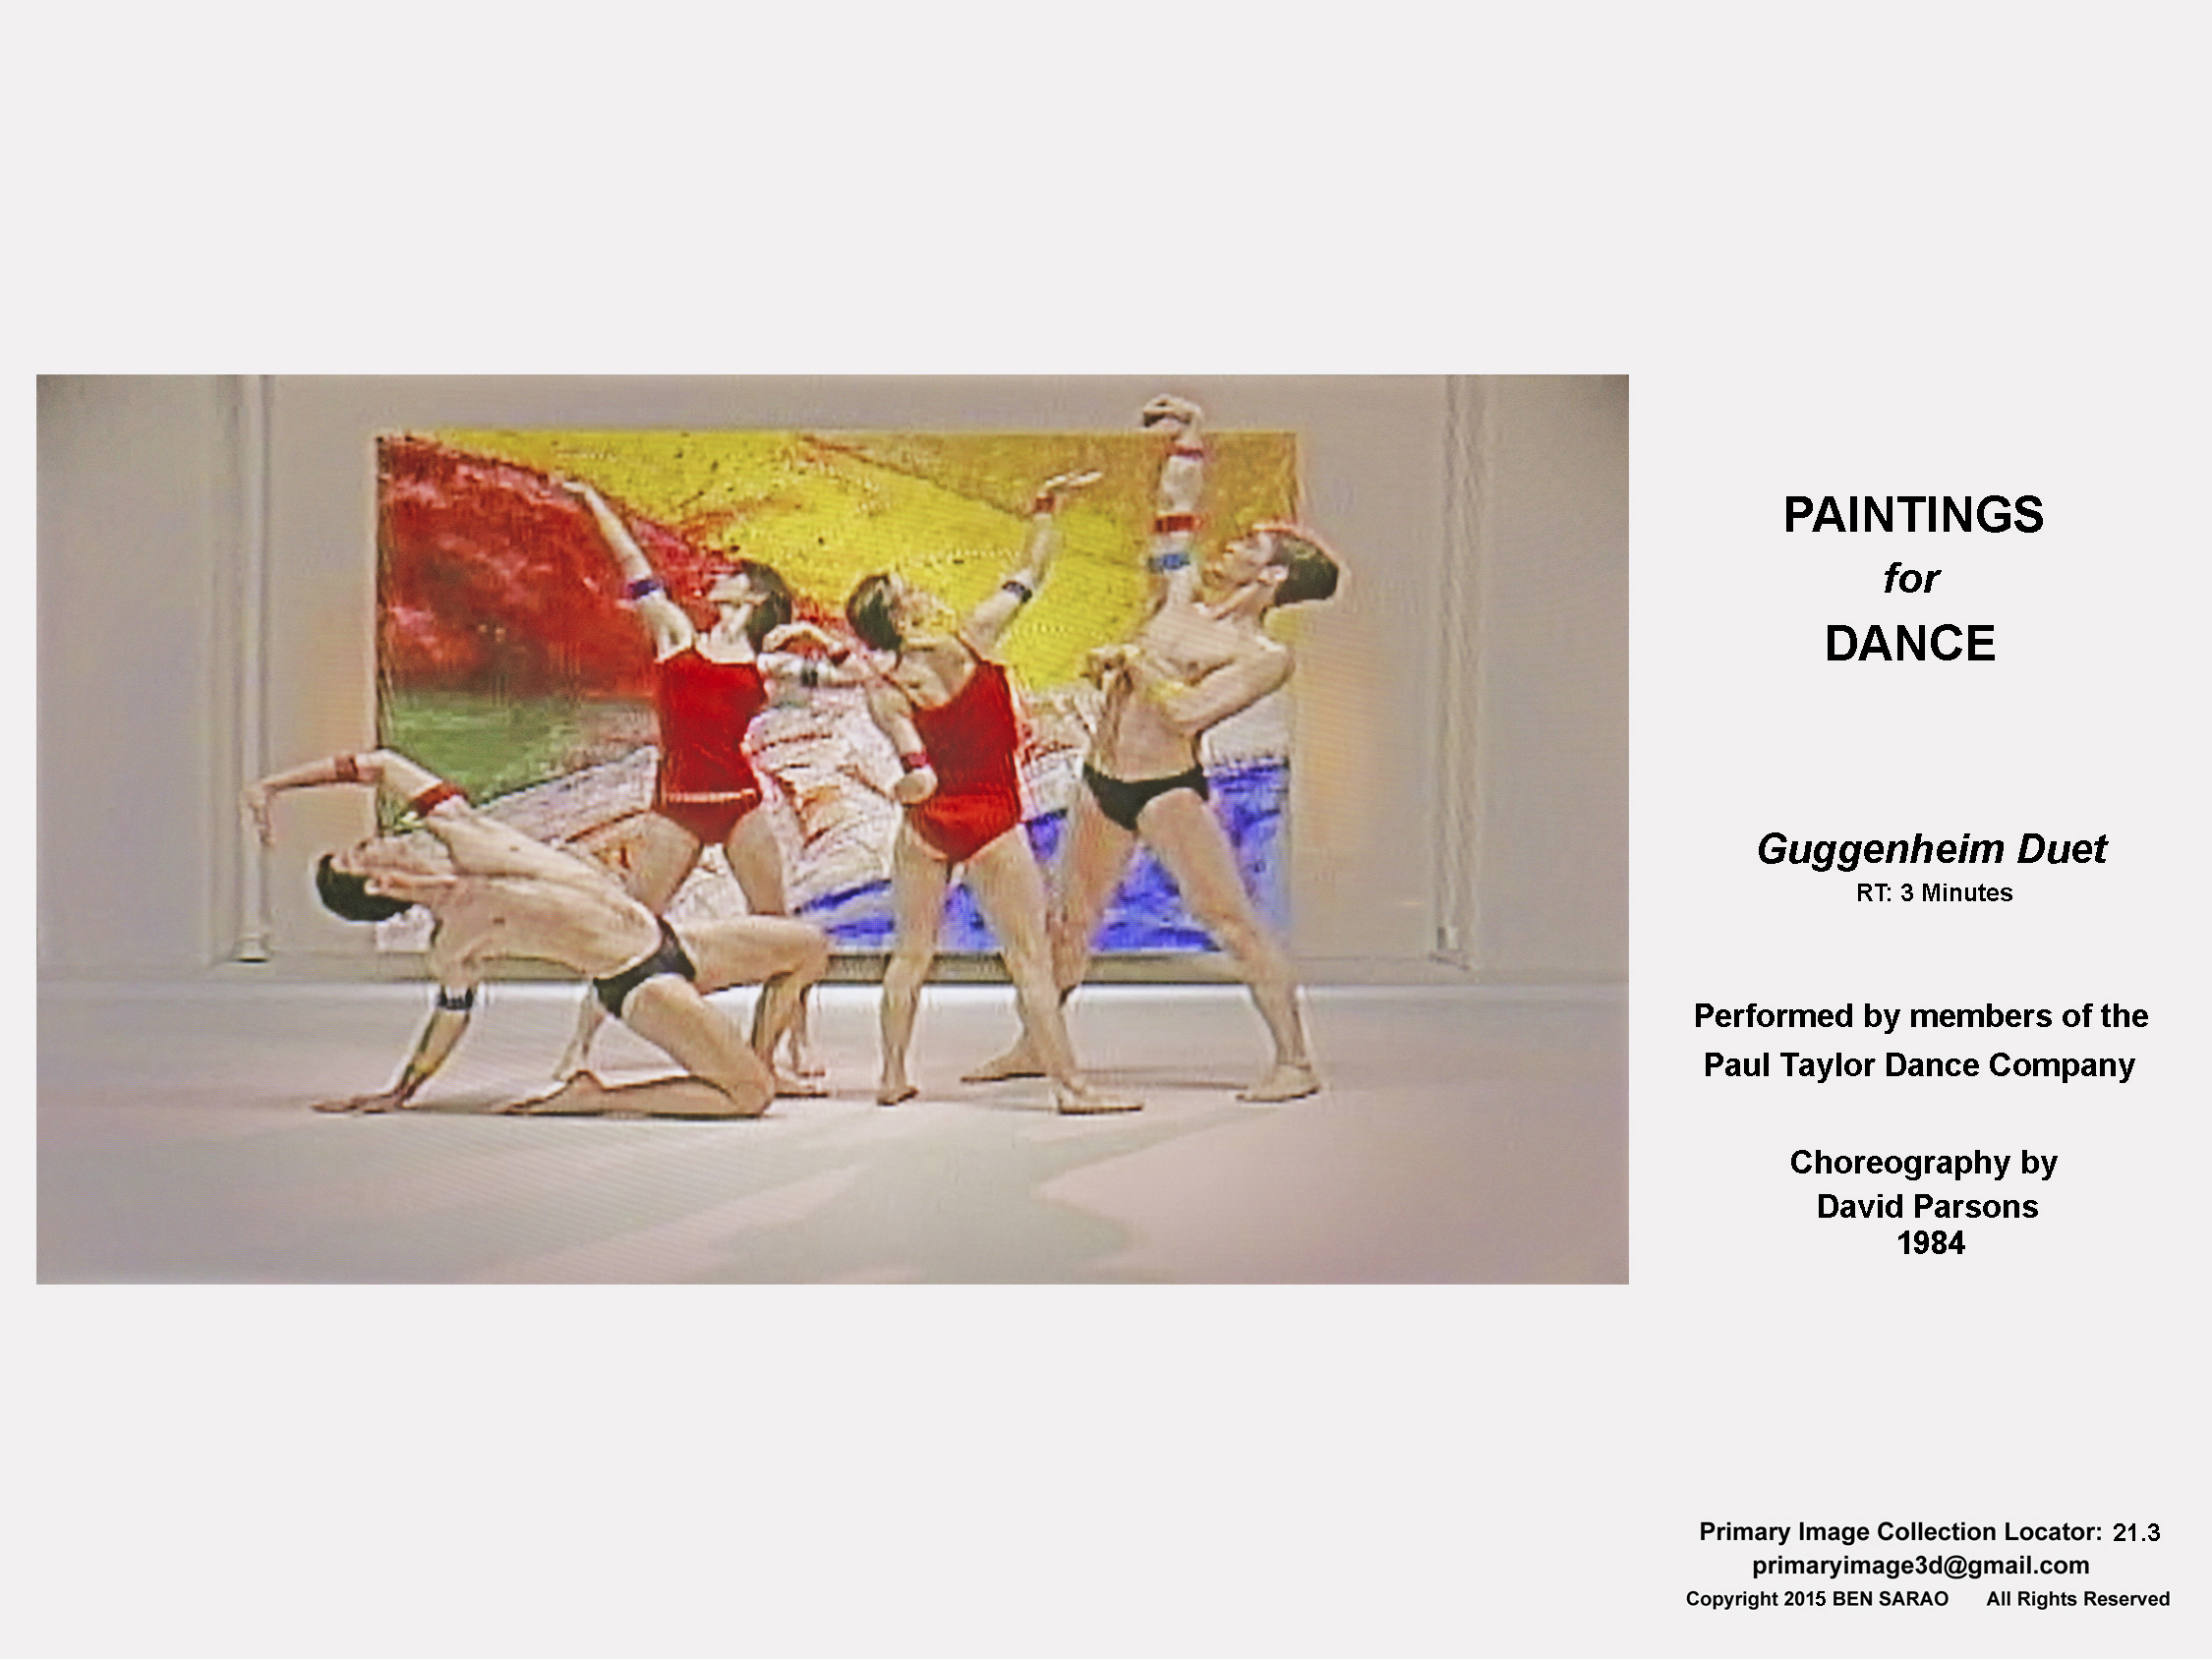 24.III. Guggenheim Duet.jpg